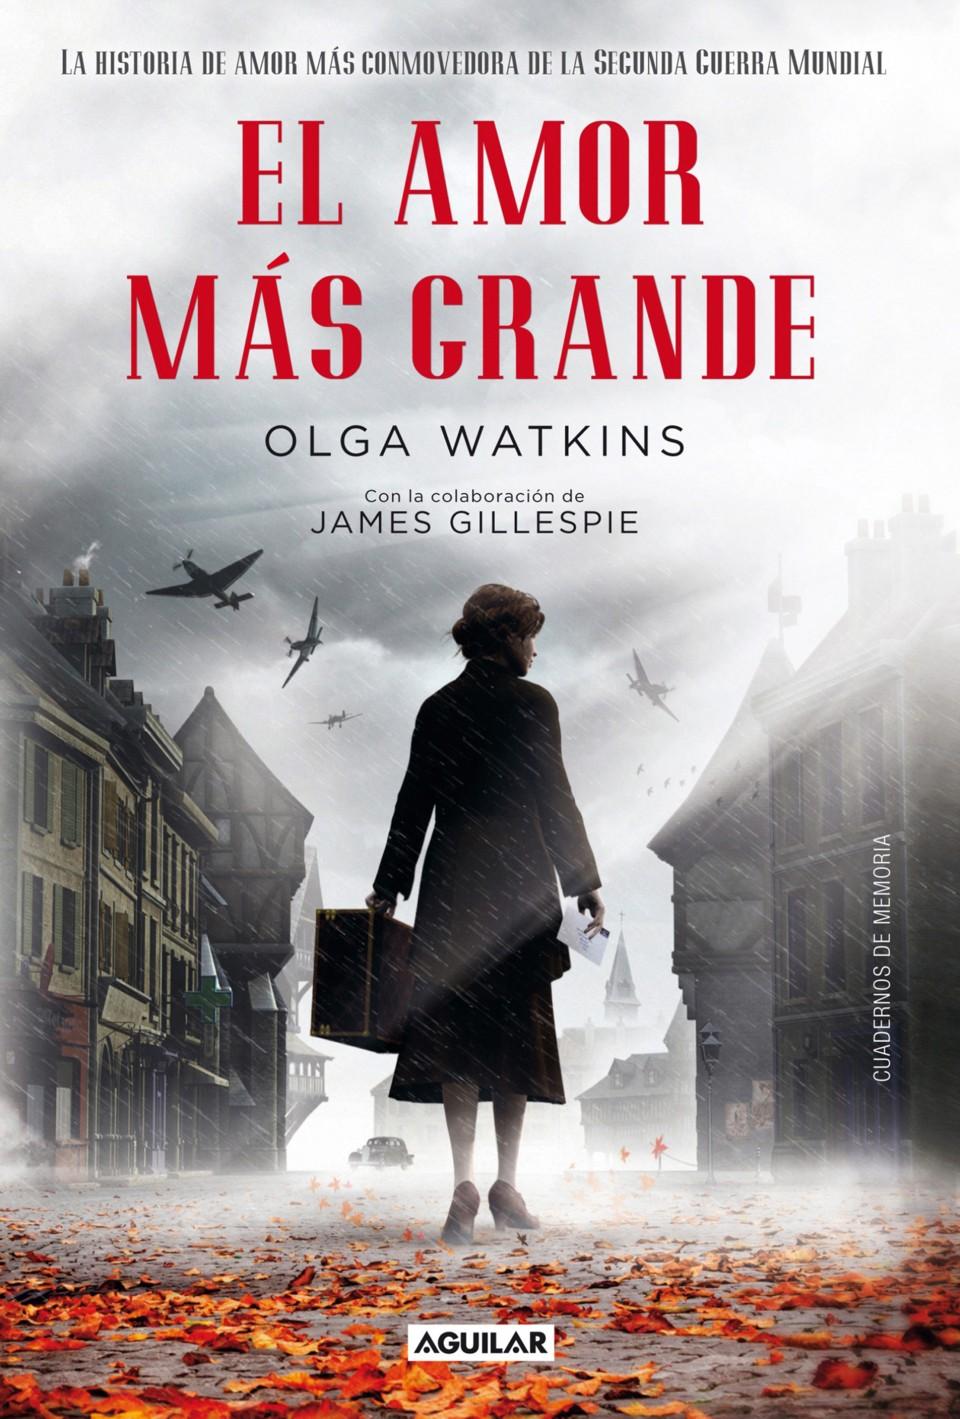 El amor más grande, de Olga Watkins